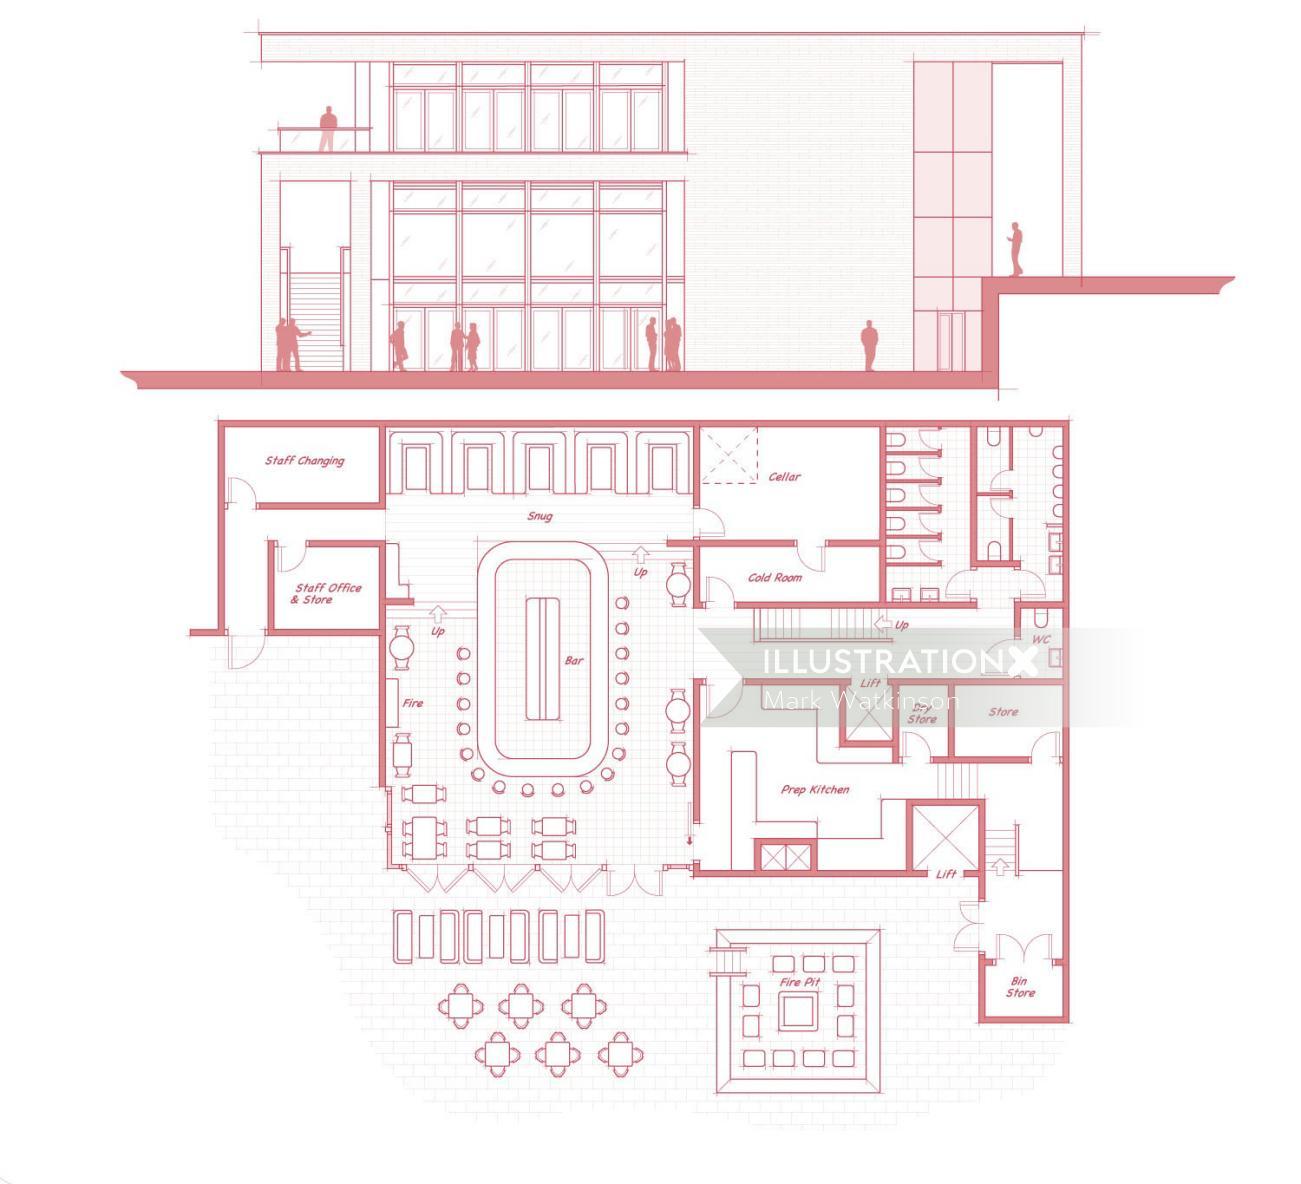 Building blueprint architecture illustration